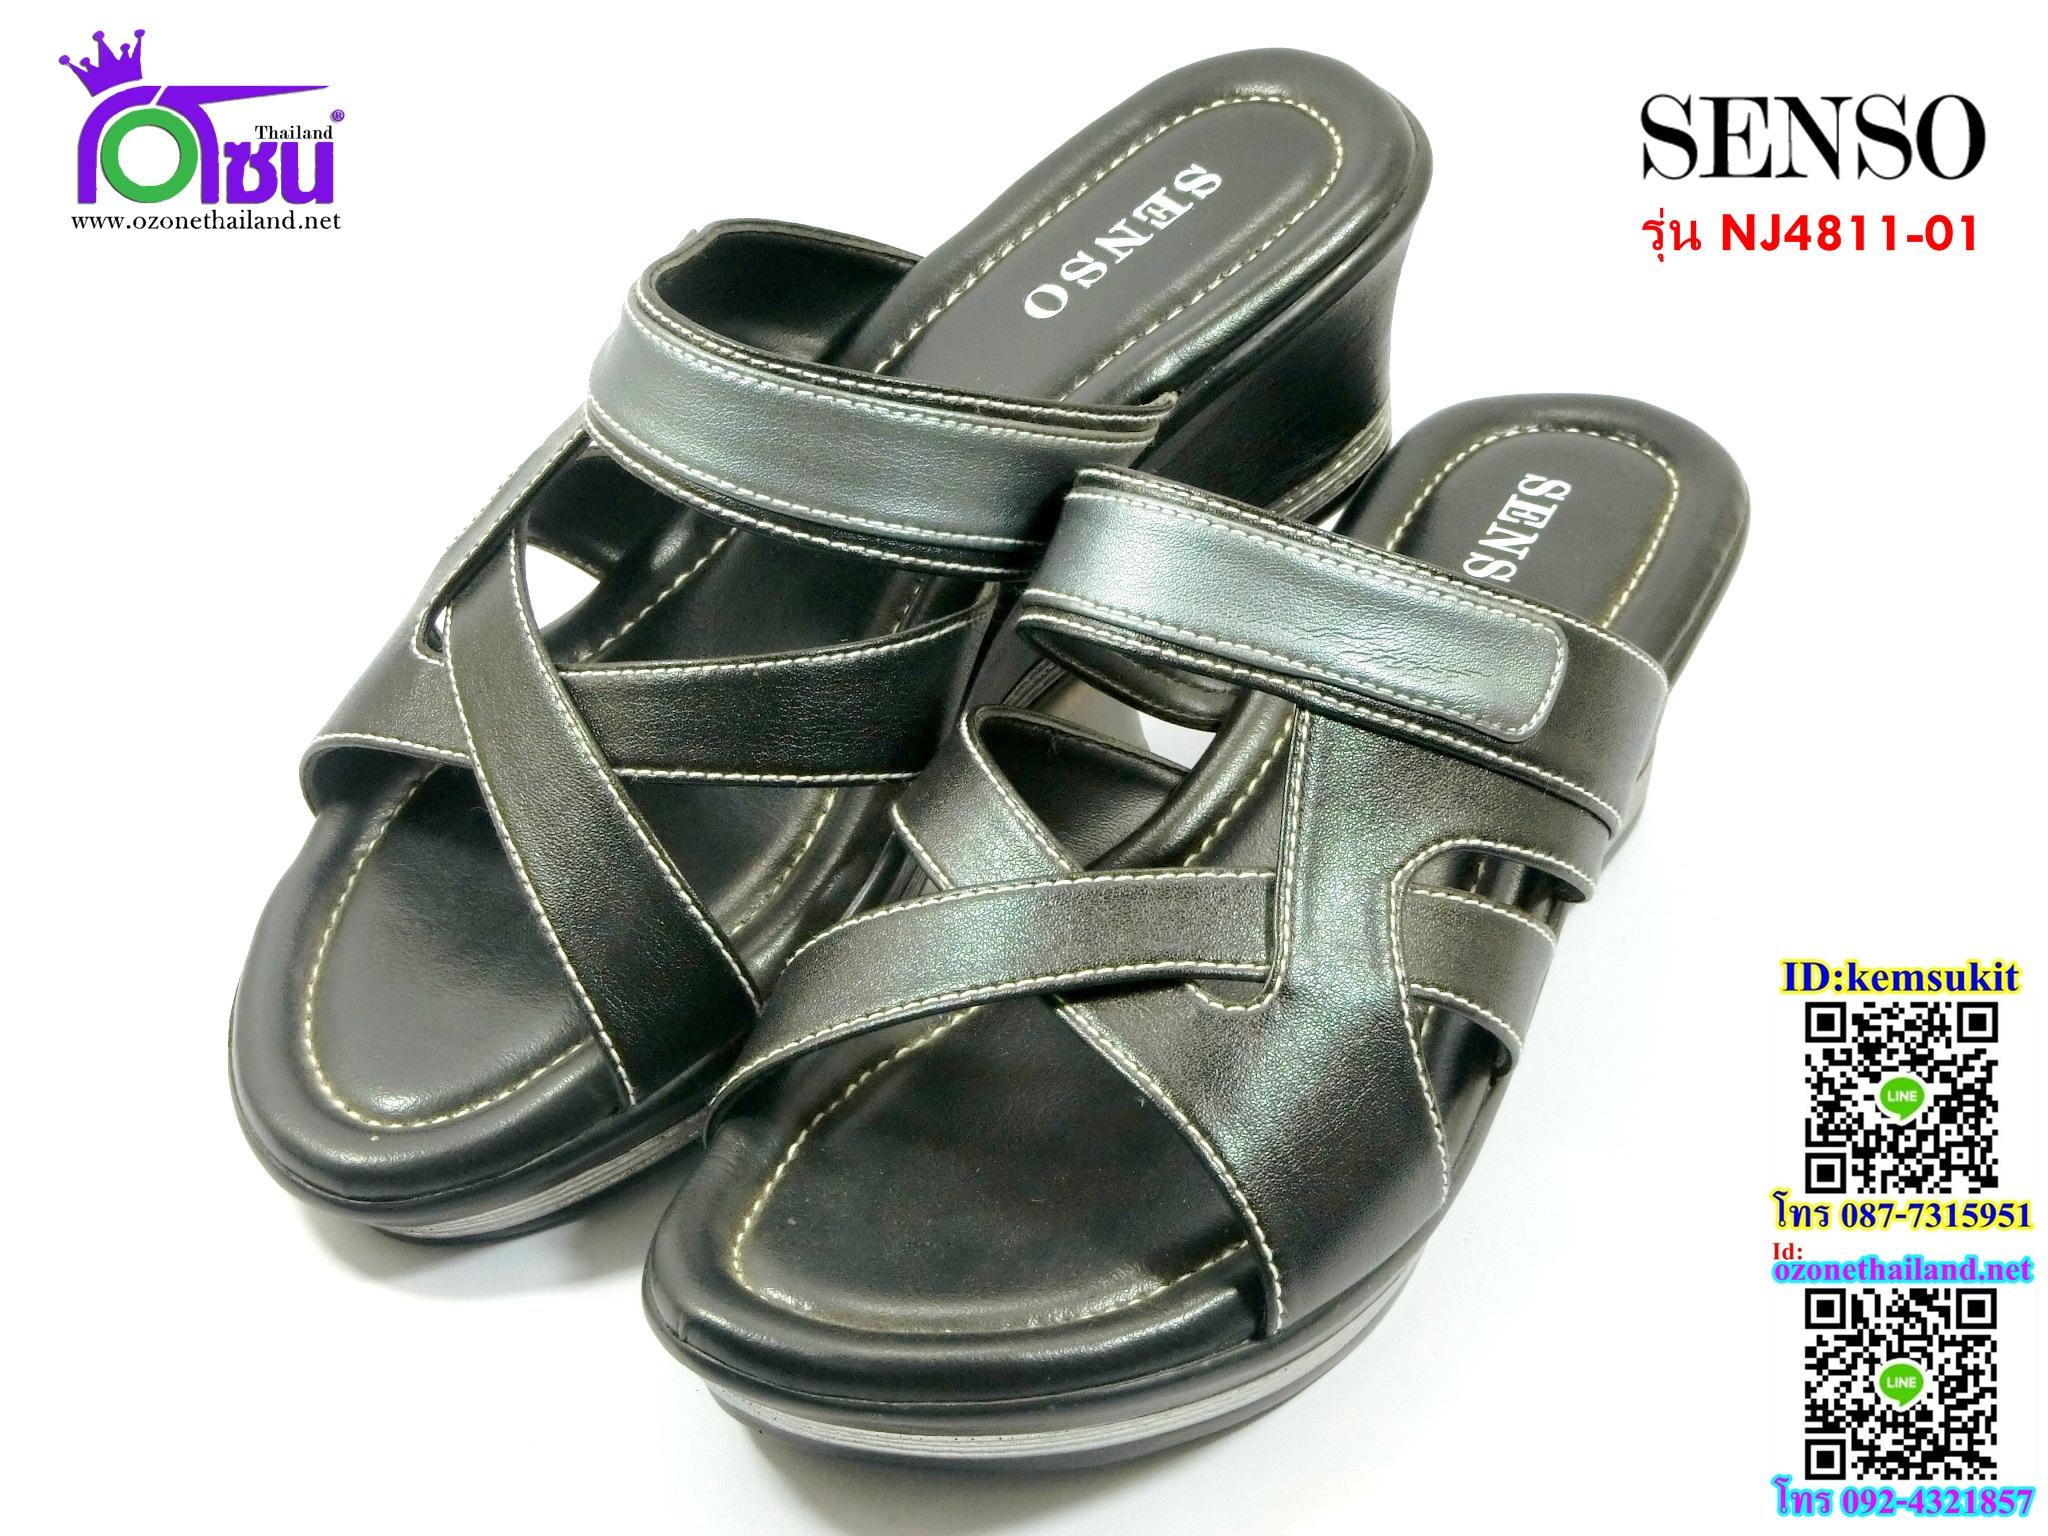 senso (เซนโซ) สีดำ รุ่นNJ48011-01 เบอร์36-40